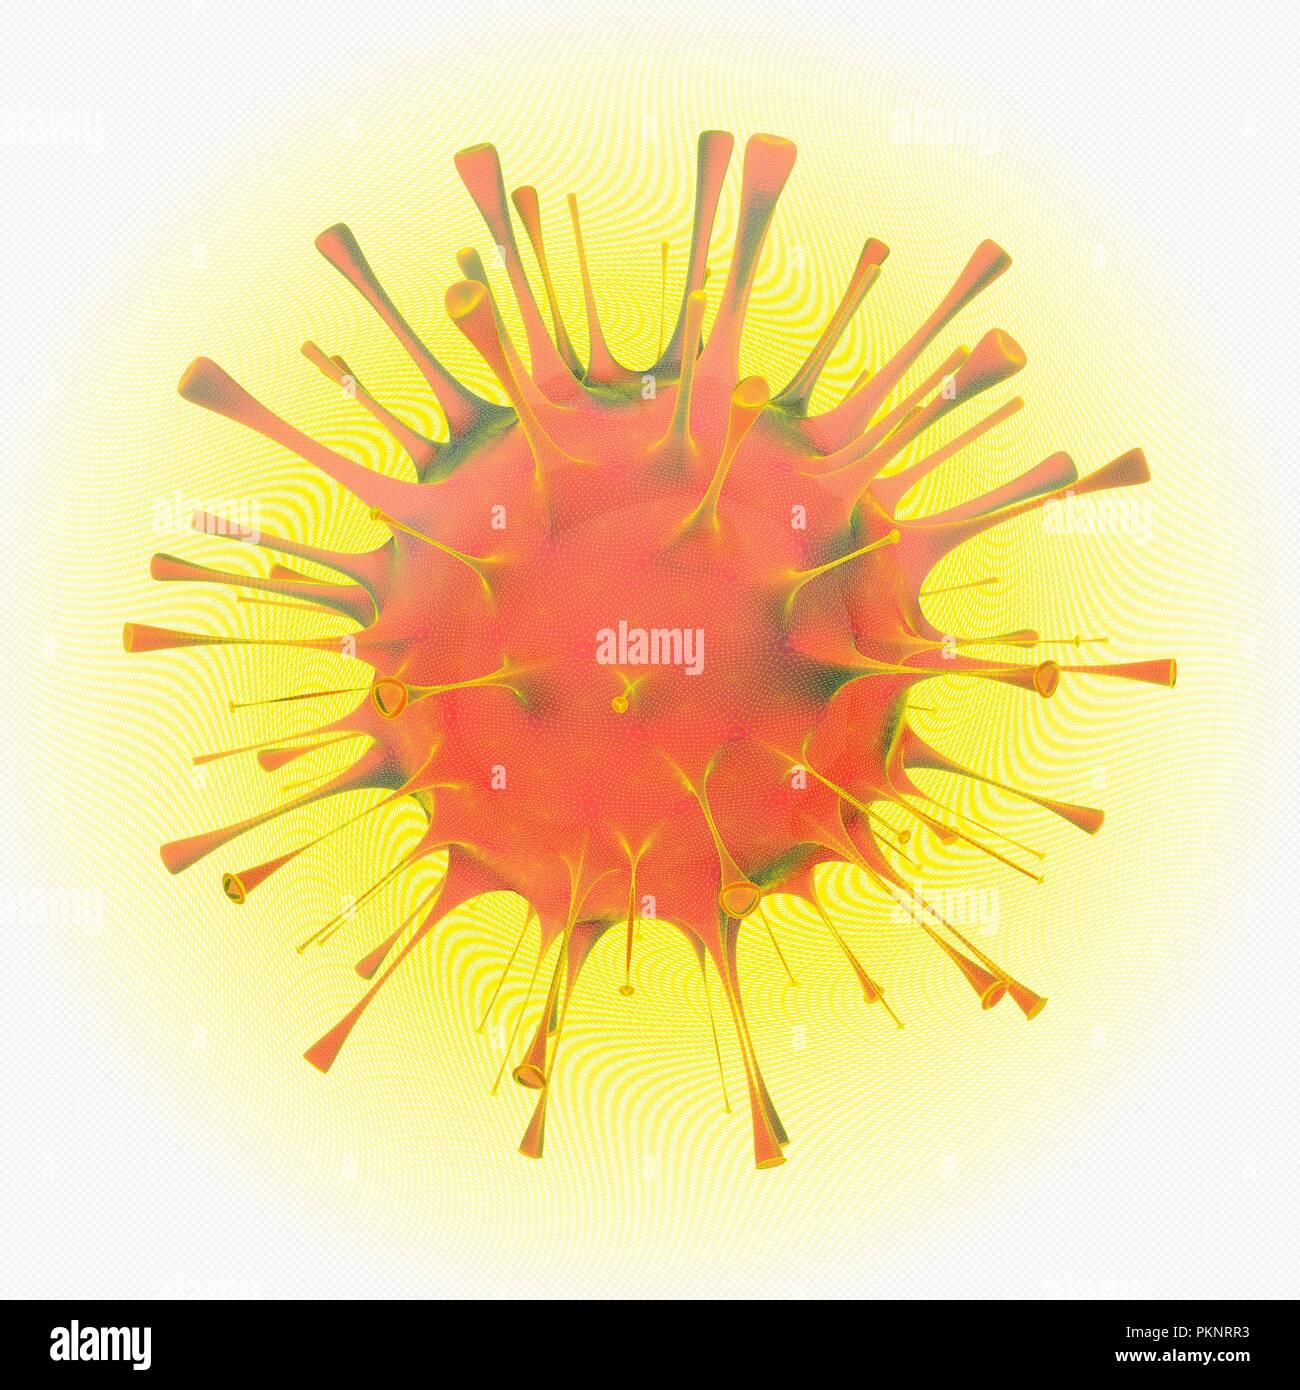 Orthomyxovirus, illustration. - Stock Image